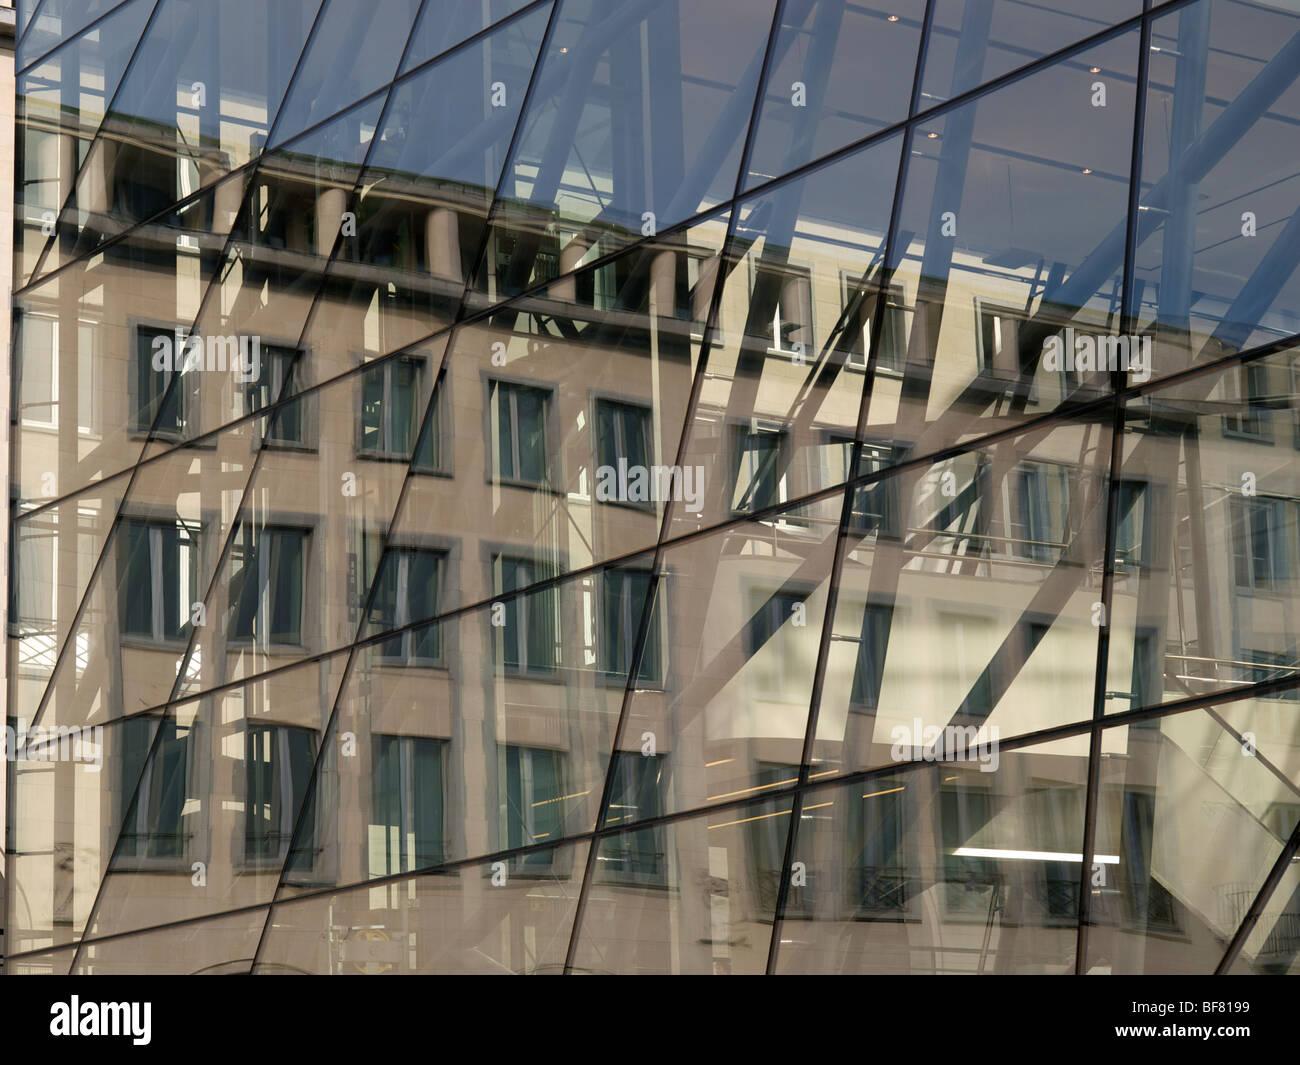 Résumé de l'image semi réflexions bâtiment et de motifs. Bruxelles, Belgique Photo Stock